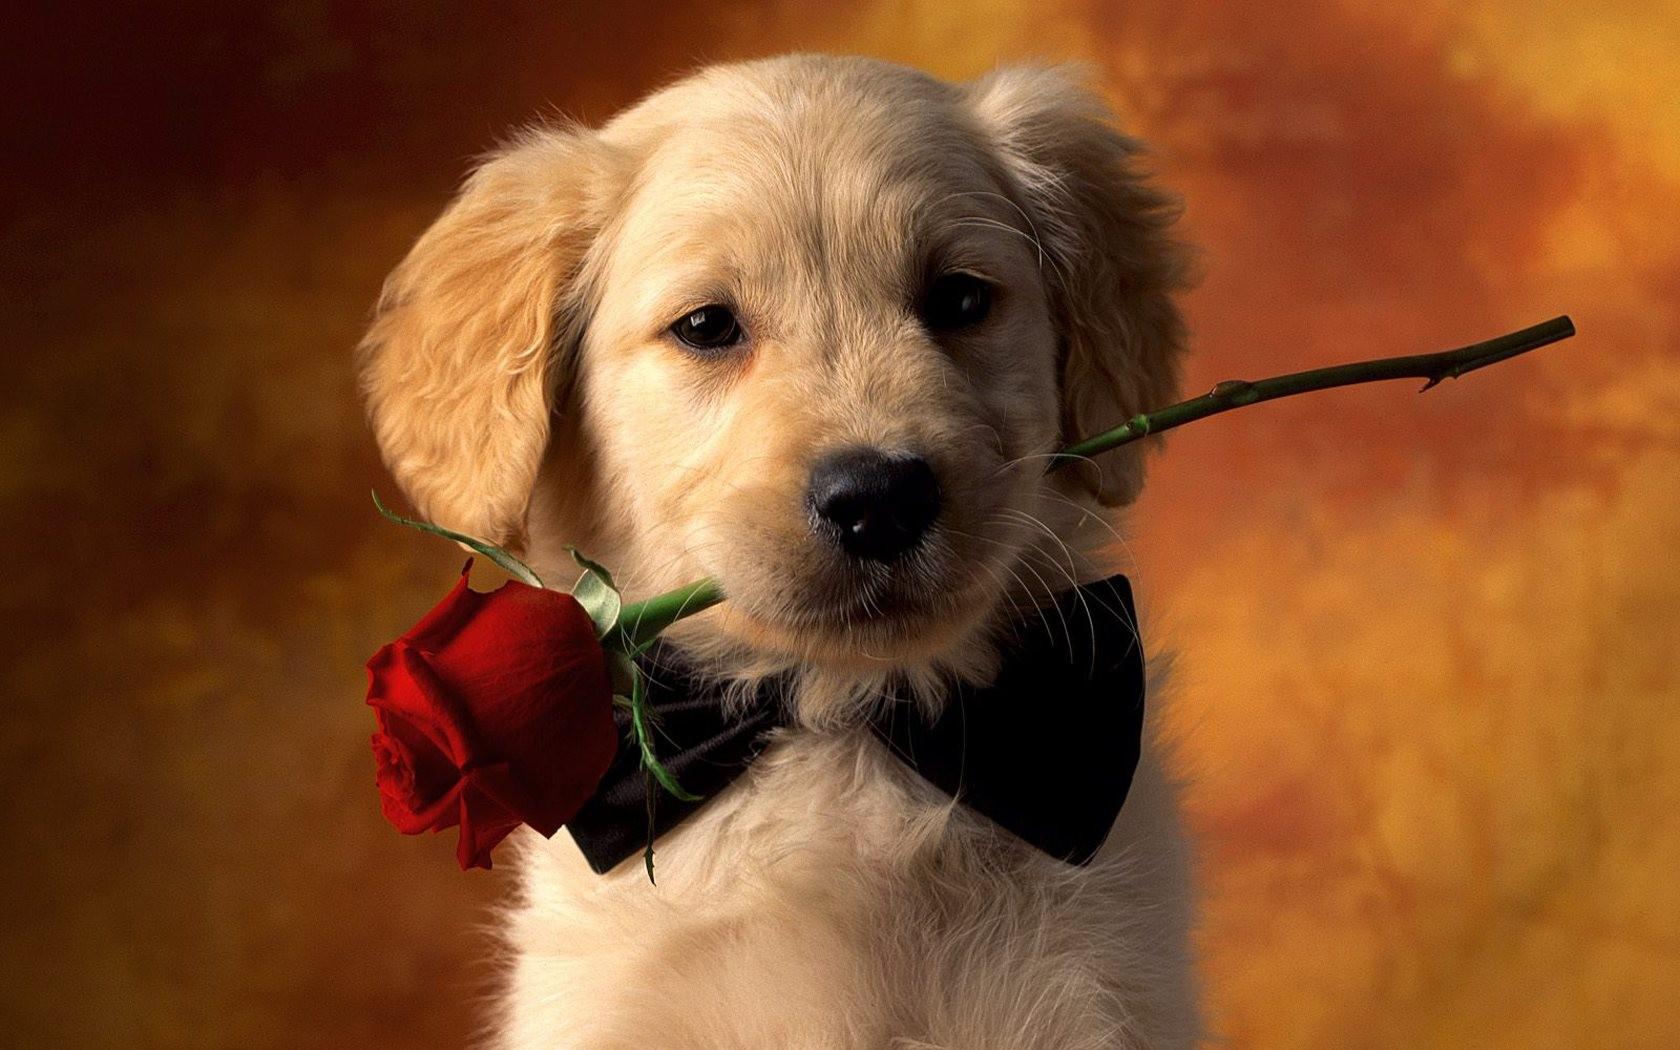 Un perro y una rosa - 1680x1050